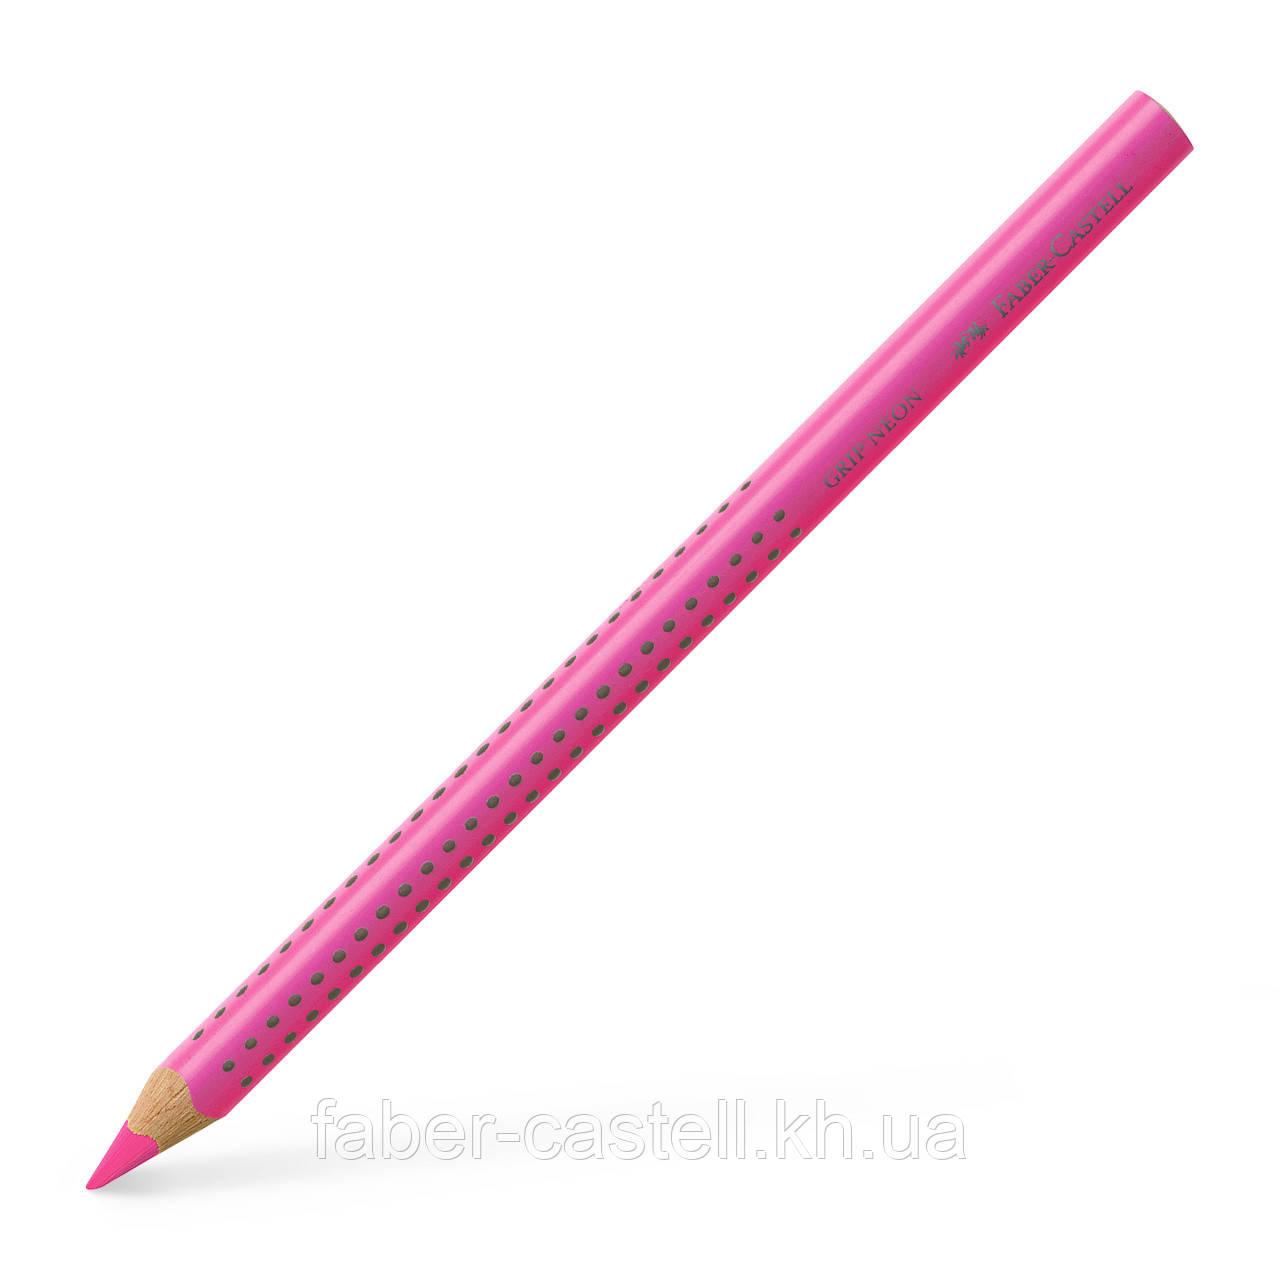 Маркер-карандаш текстовыделитель Faber-Castell Jumbo Grip Neon розовый, сухой трехгранный, 114828